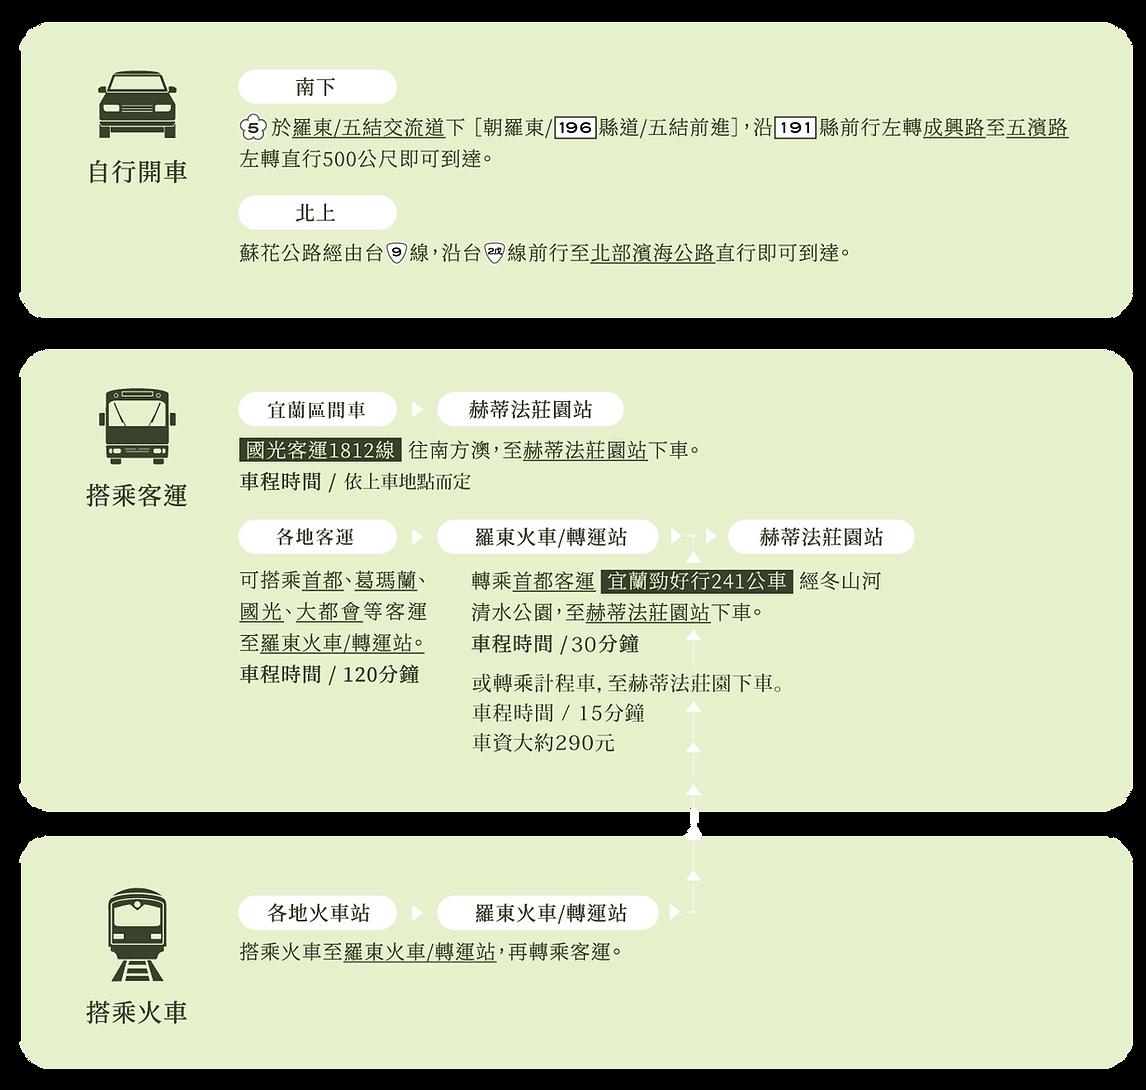 莊園介紹-交通0428.png